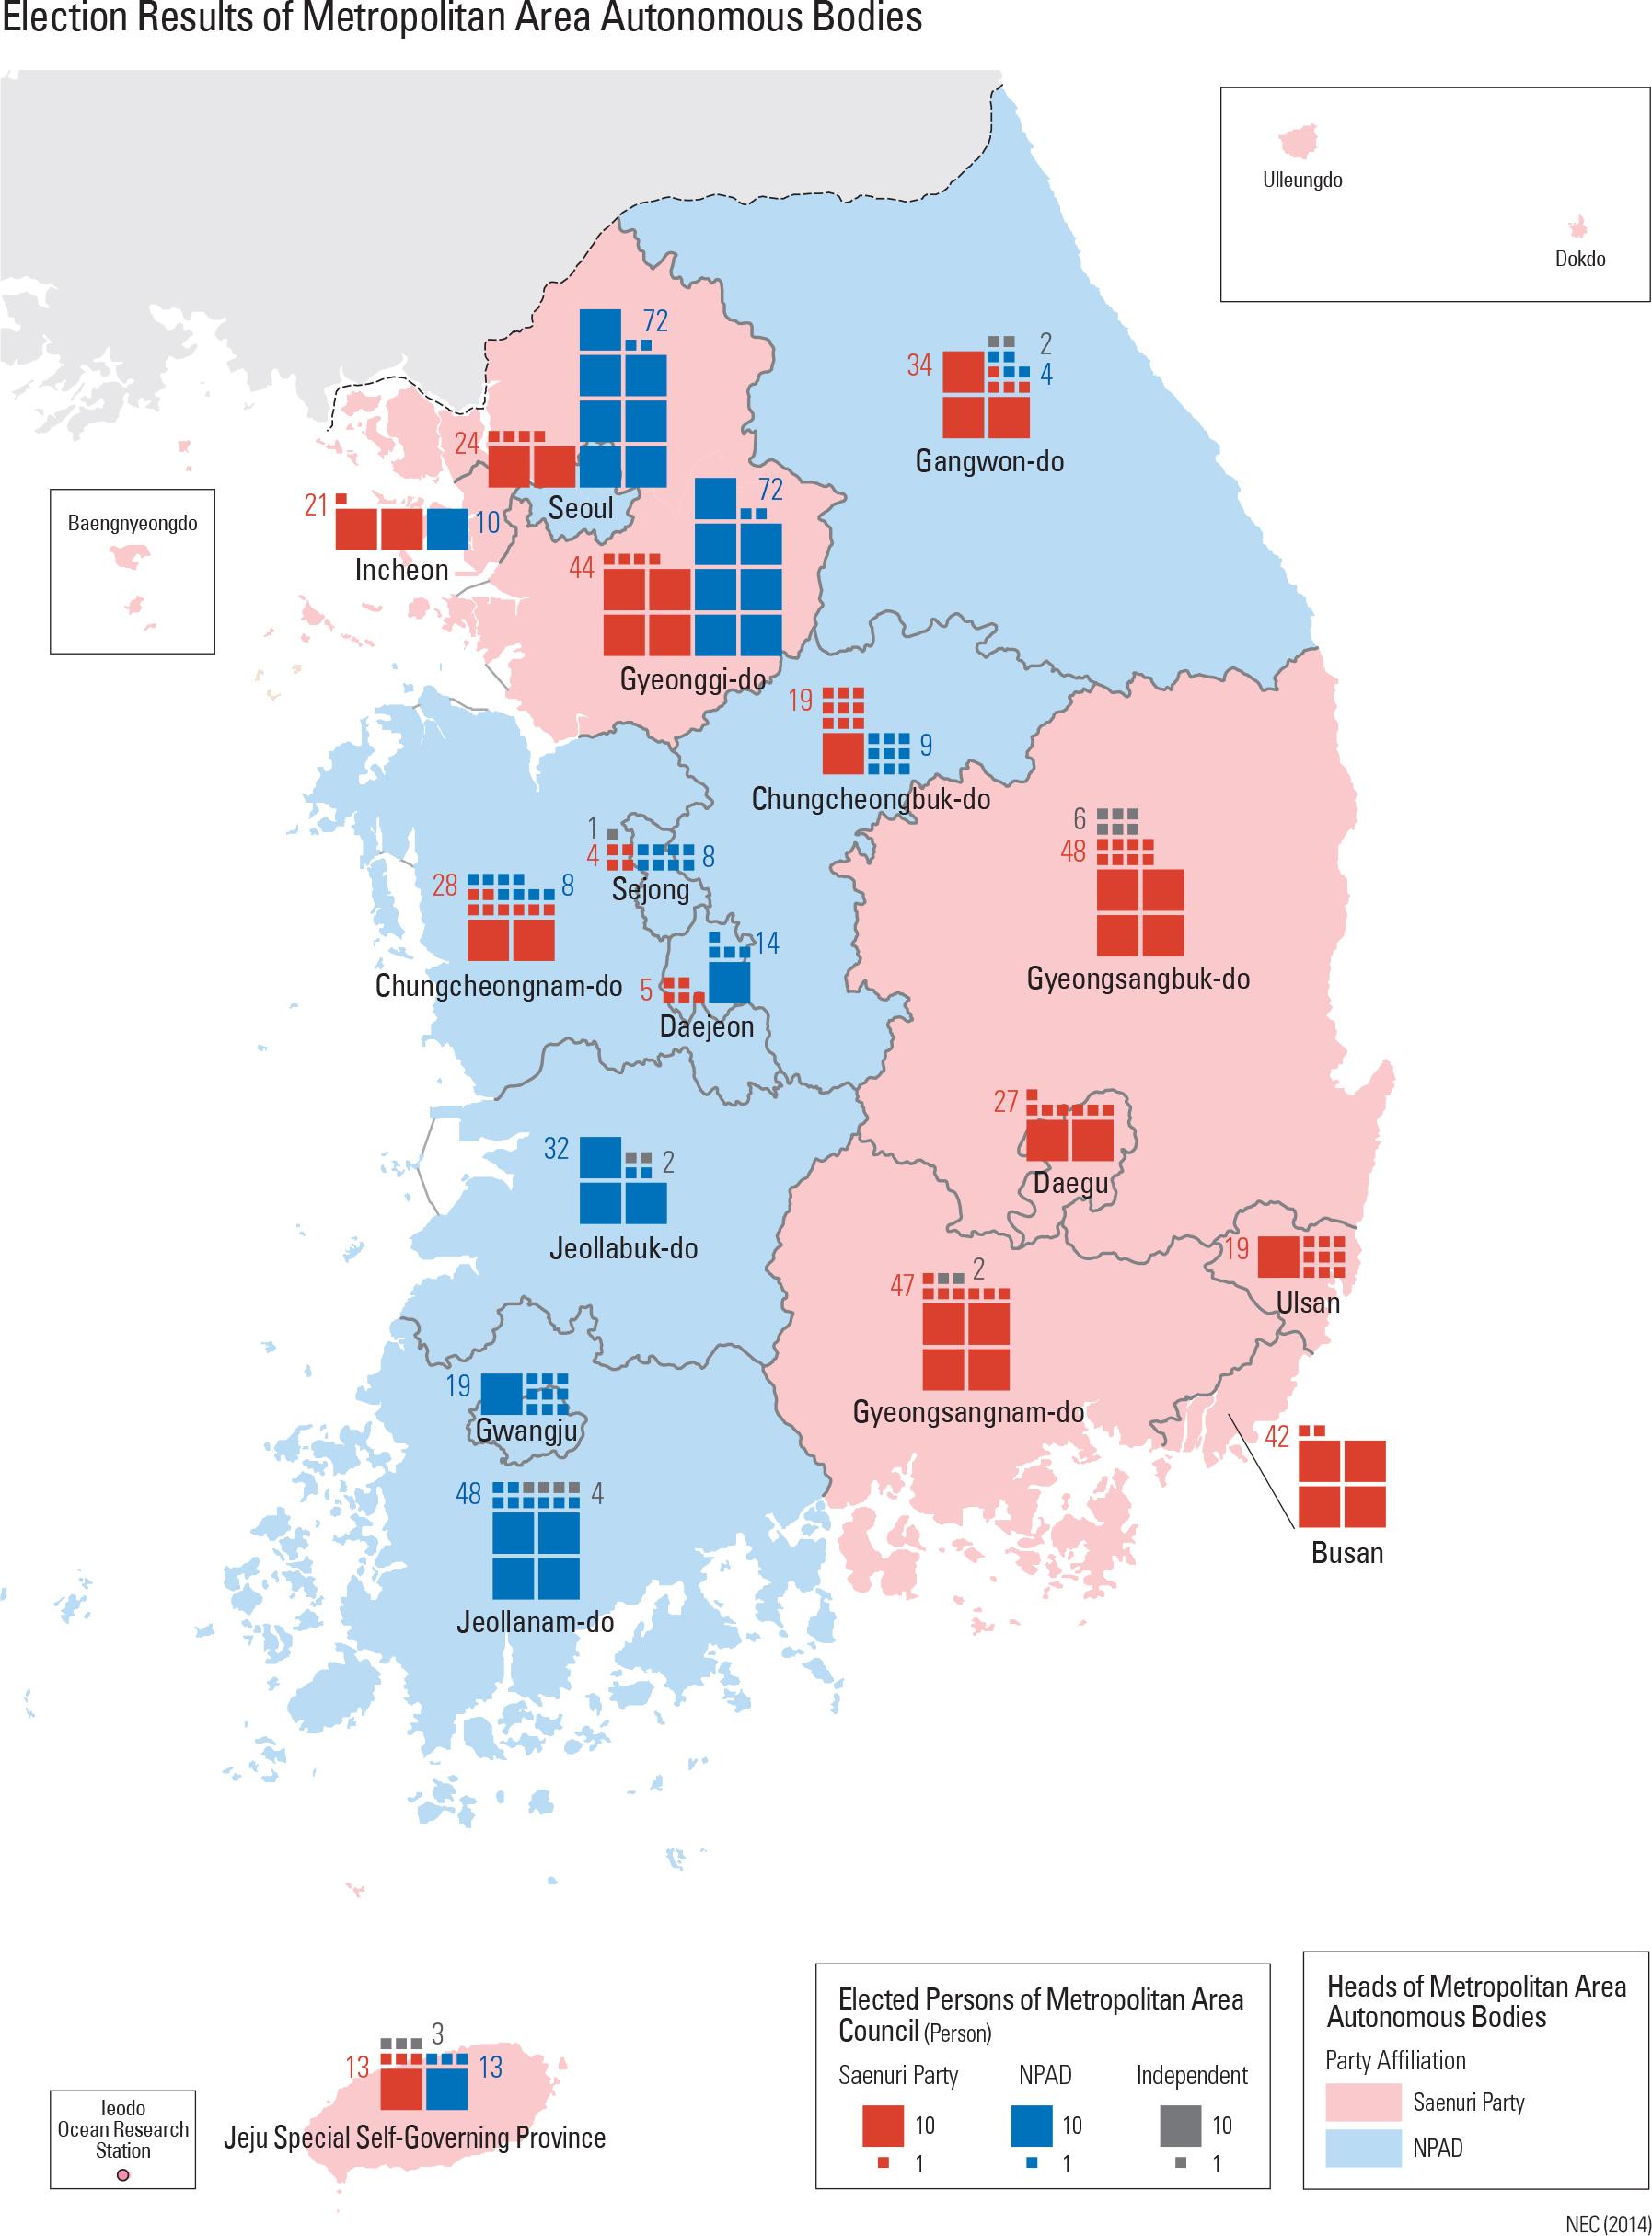 Election Results of Metropolitan Area Autonomous Bodies